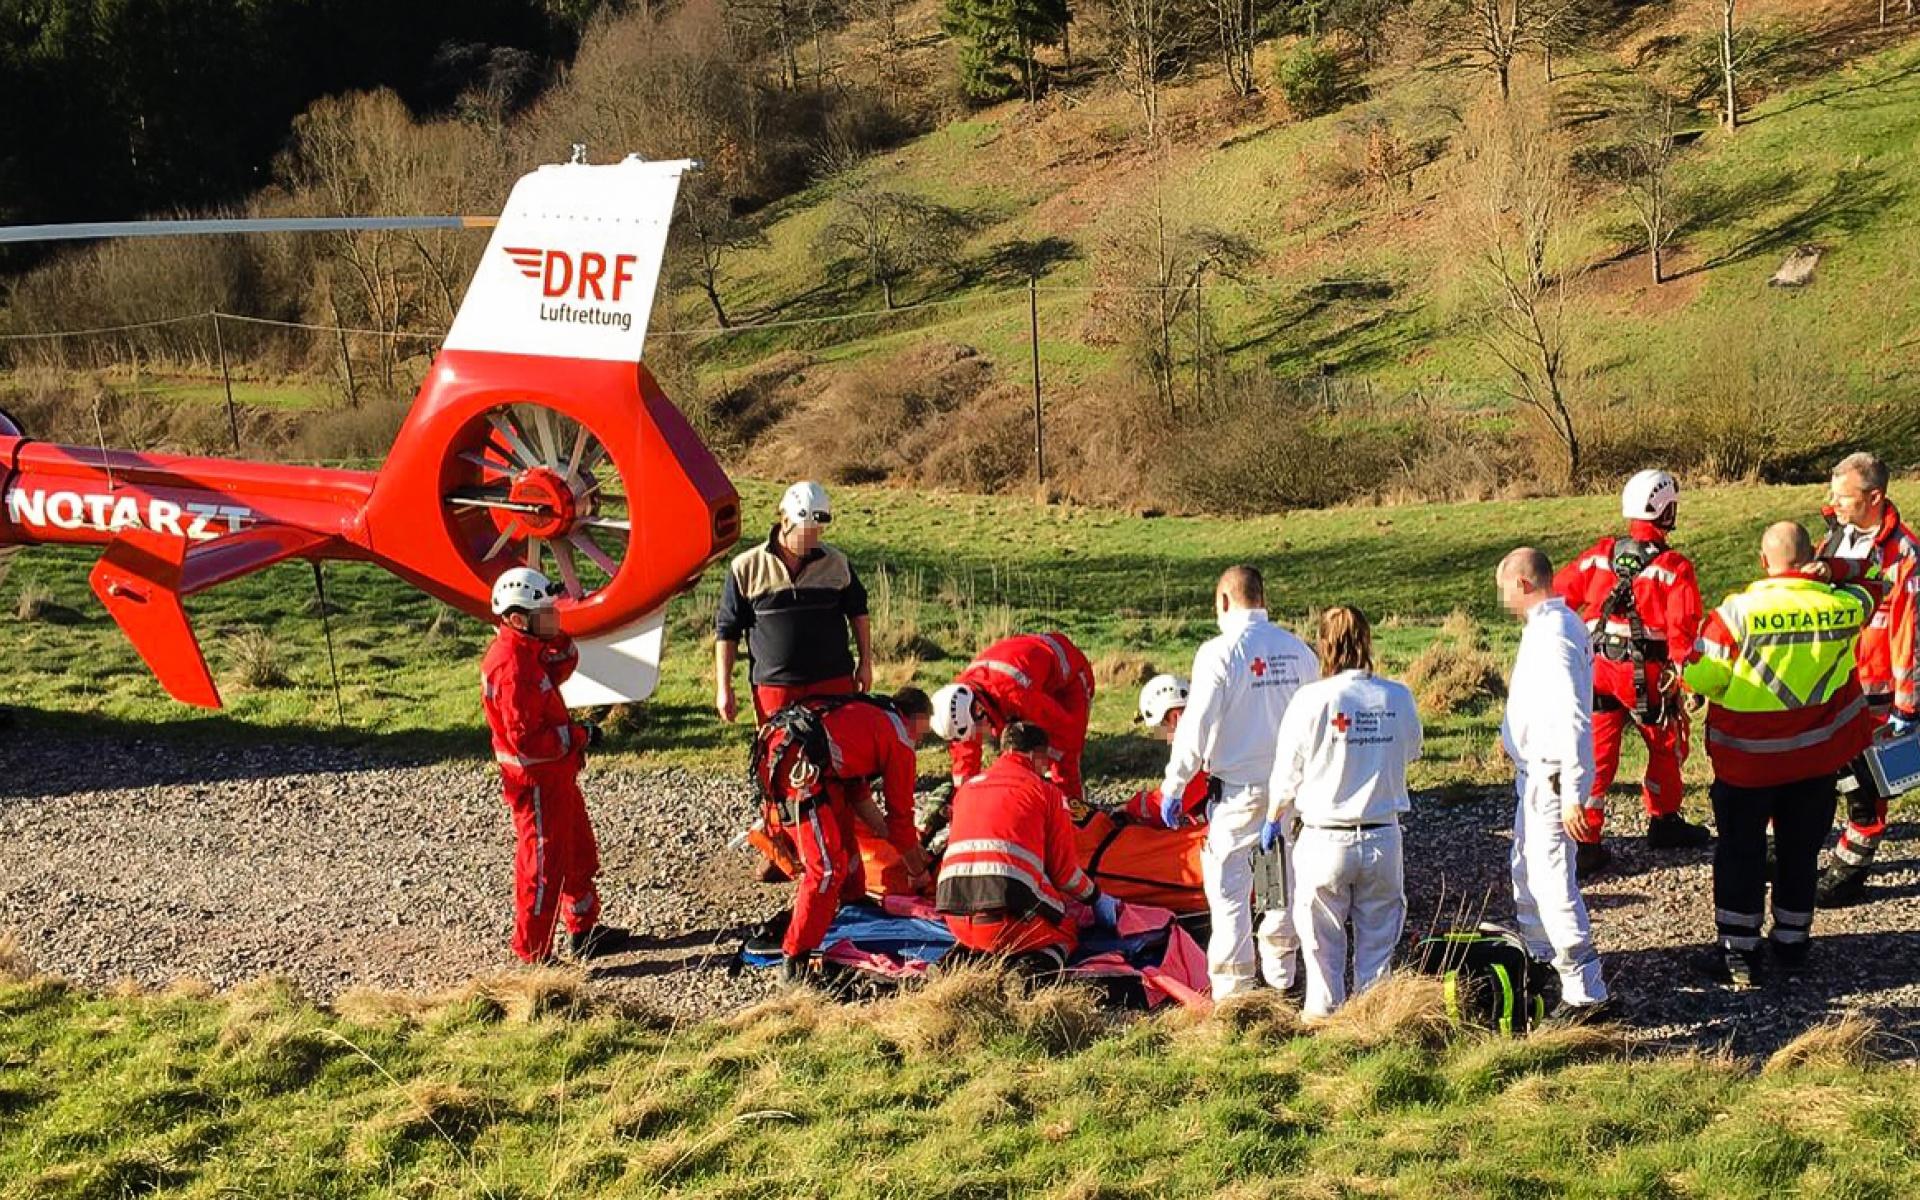 Für den schnellen und schonenden Transport in ein Traumazentrum wird der Verletzte an Bord von Christoph 43 gebracht.